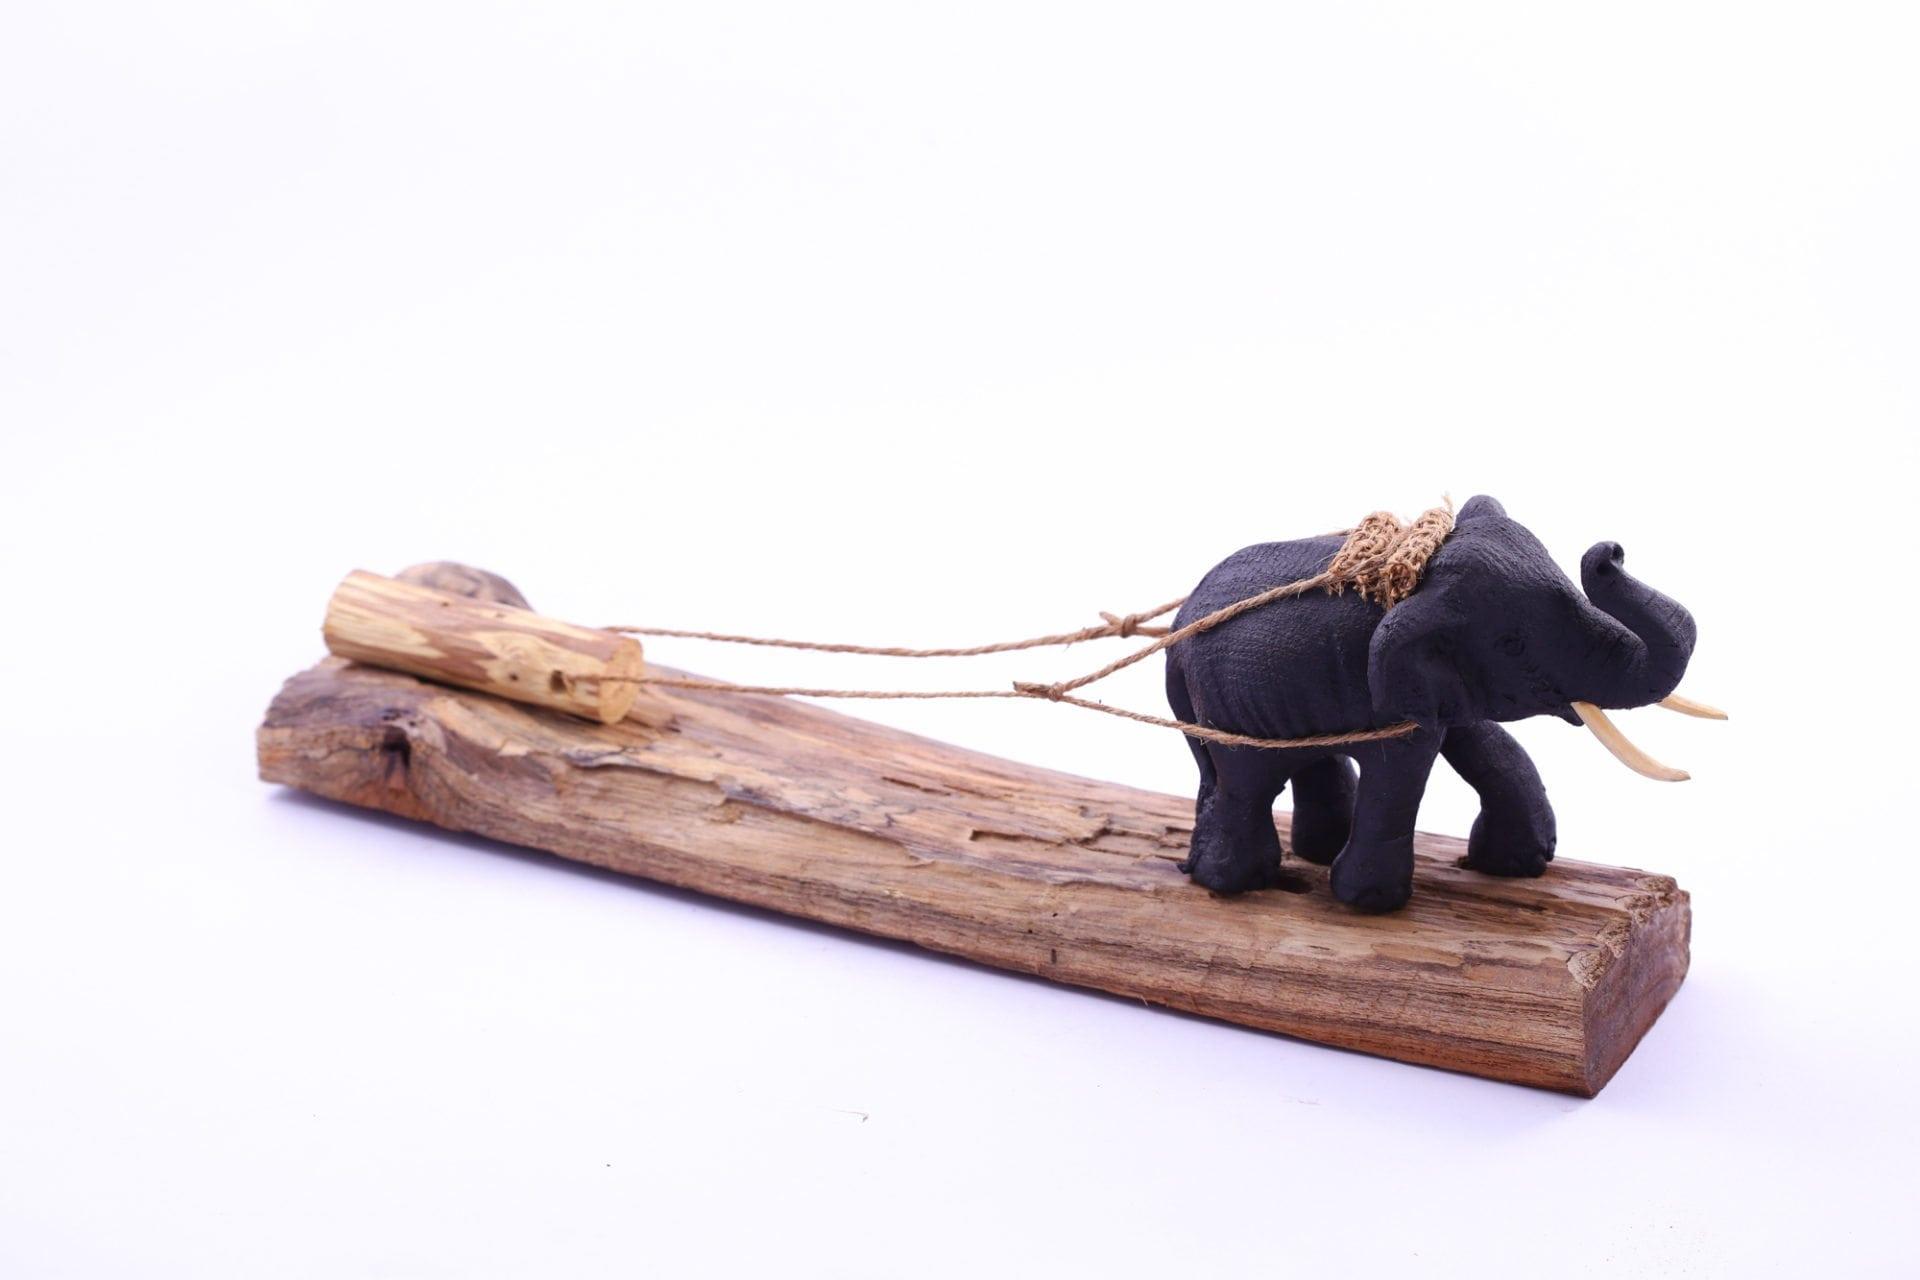 Sawdust Elephant On Wood Figurines